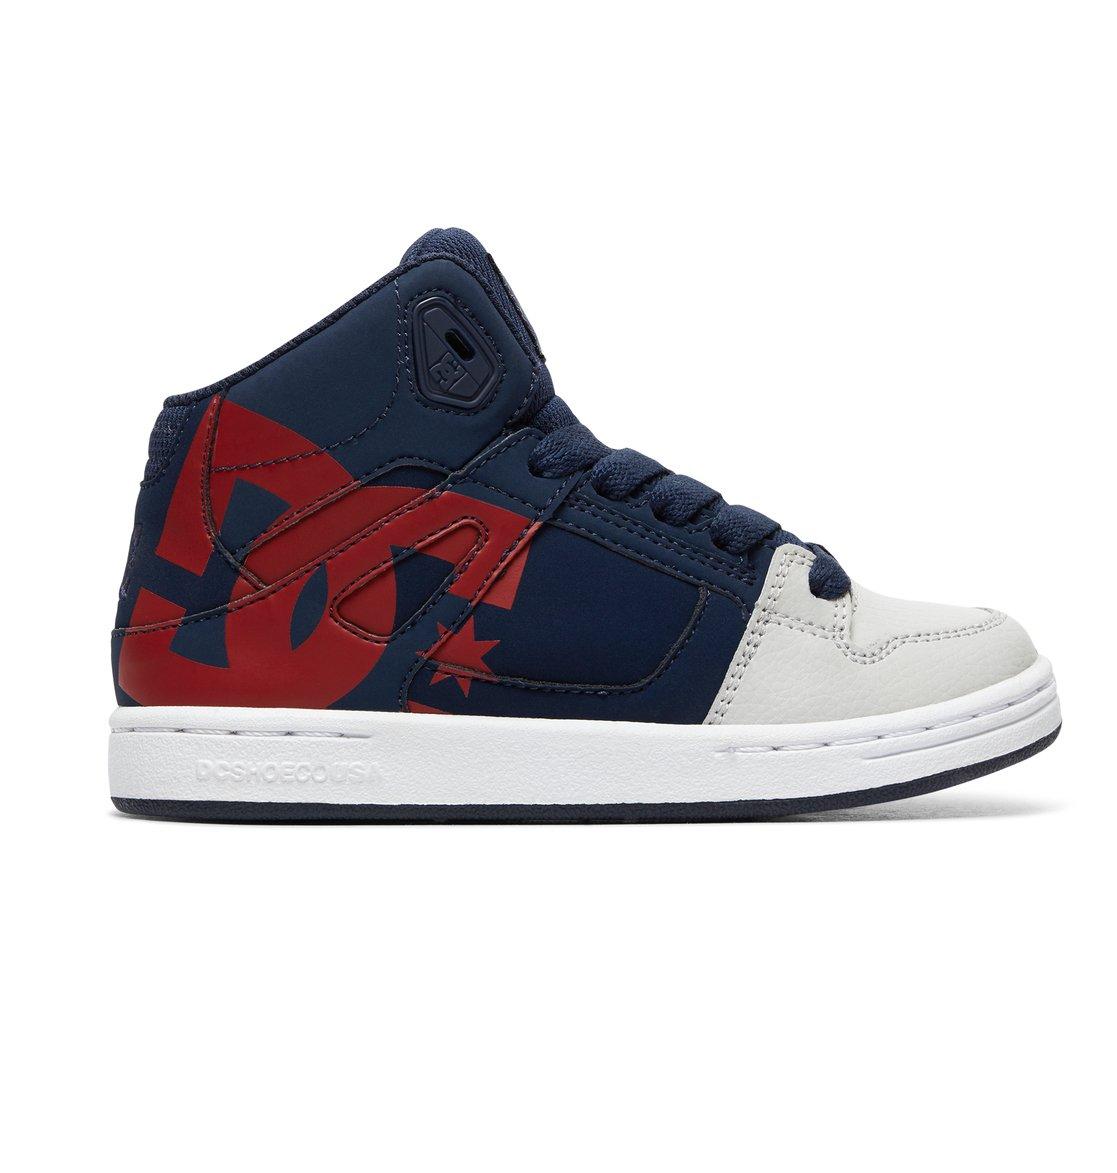 699d7ec5ca1ca 0 Pure HT SP - Chaussures montantes pour Garçon 8-16 ans Bleu ADBS100258 DC